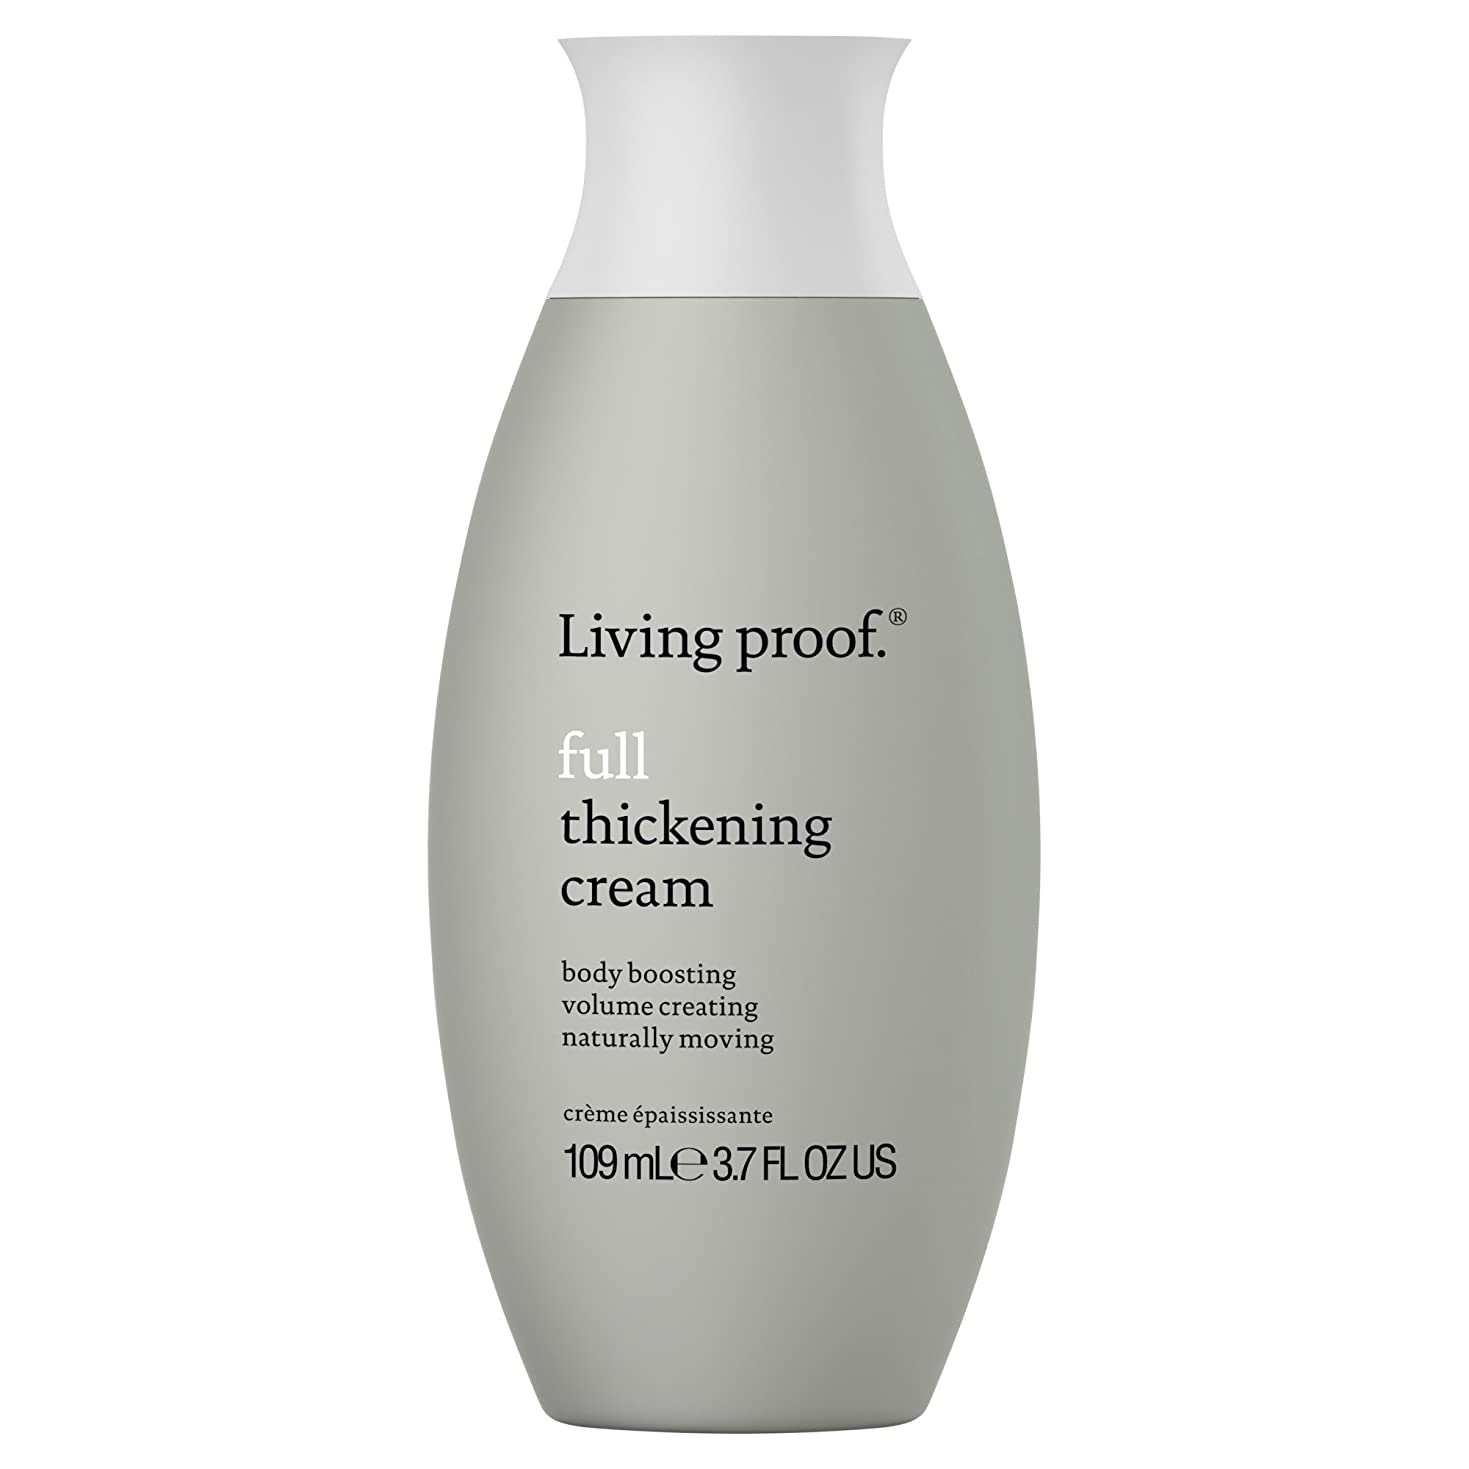 読みやすい分子驚くばかり生きている証拠フル肥厚クリーム109ミリリットル (Living Proof) (x2) - Living Proof Full Thickening Cream 109ml (Pack of 2) [並行輸入品]